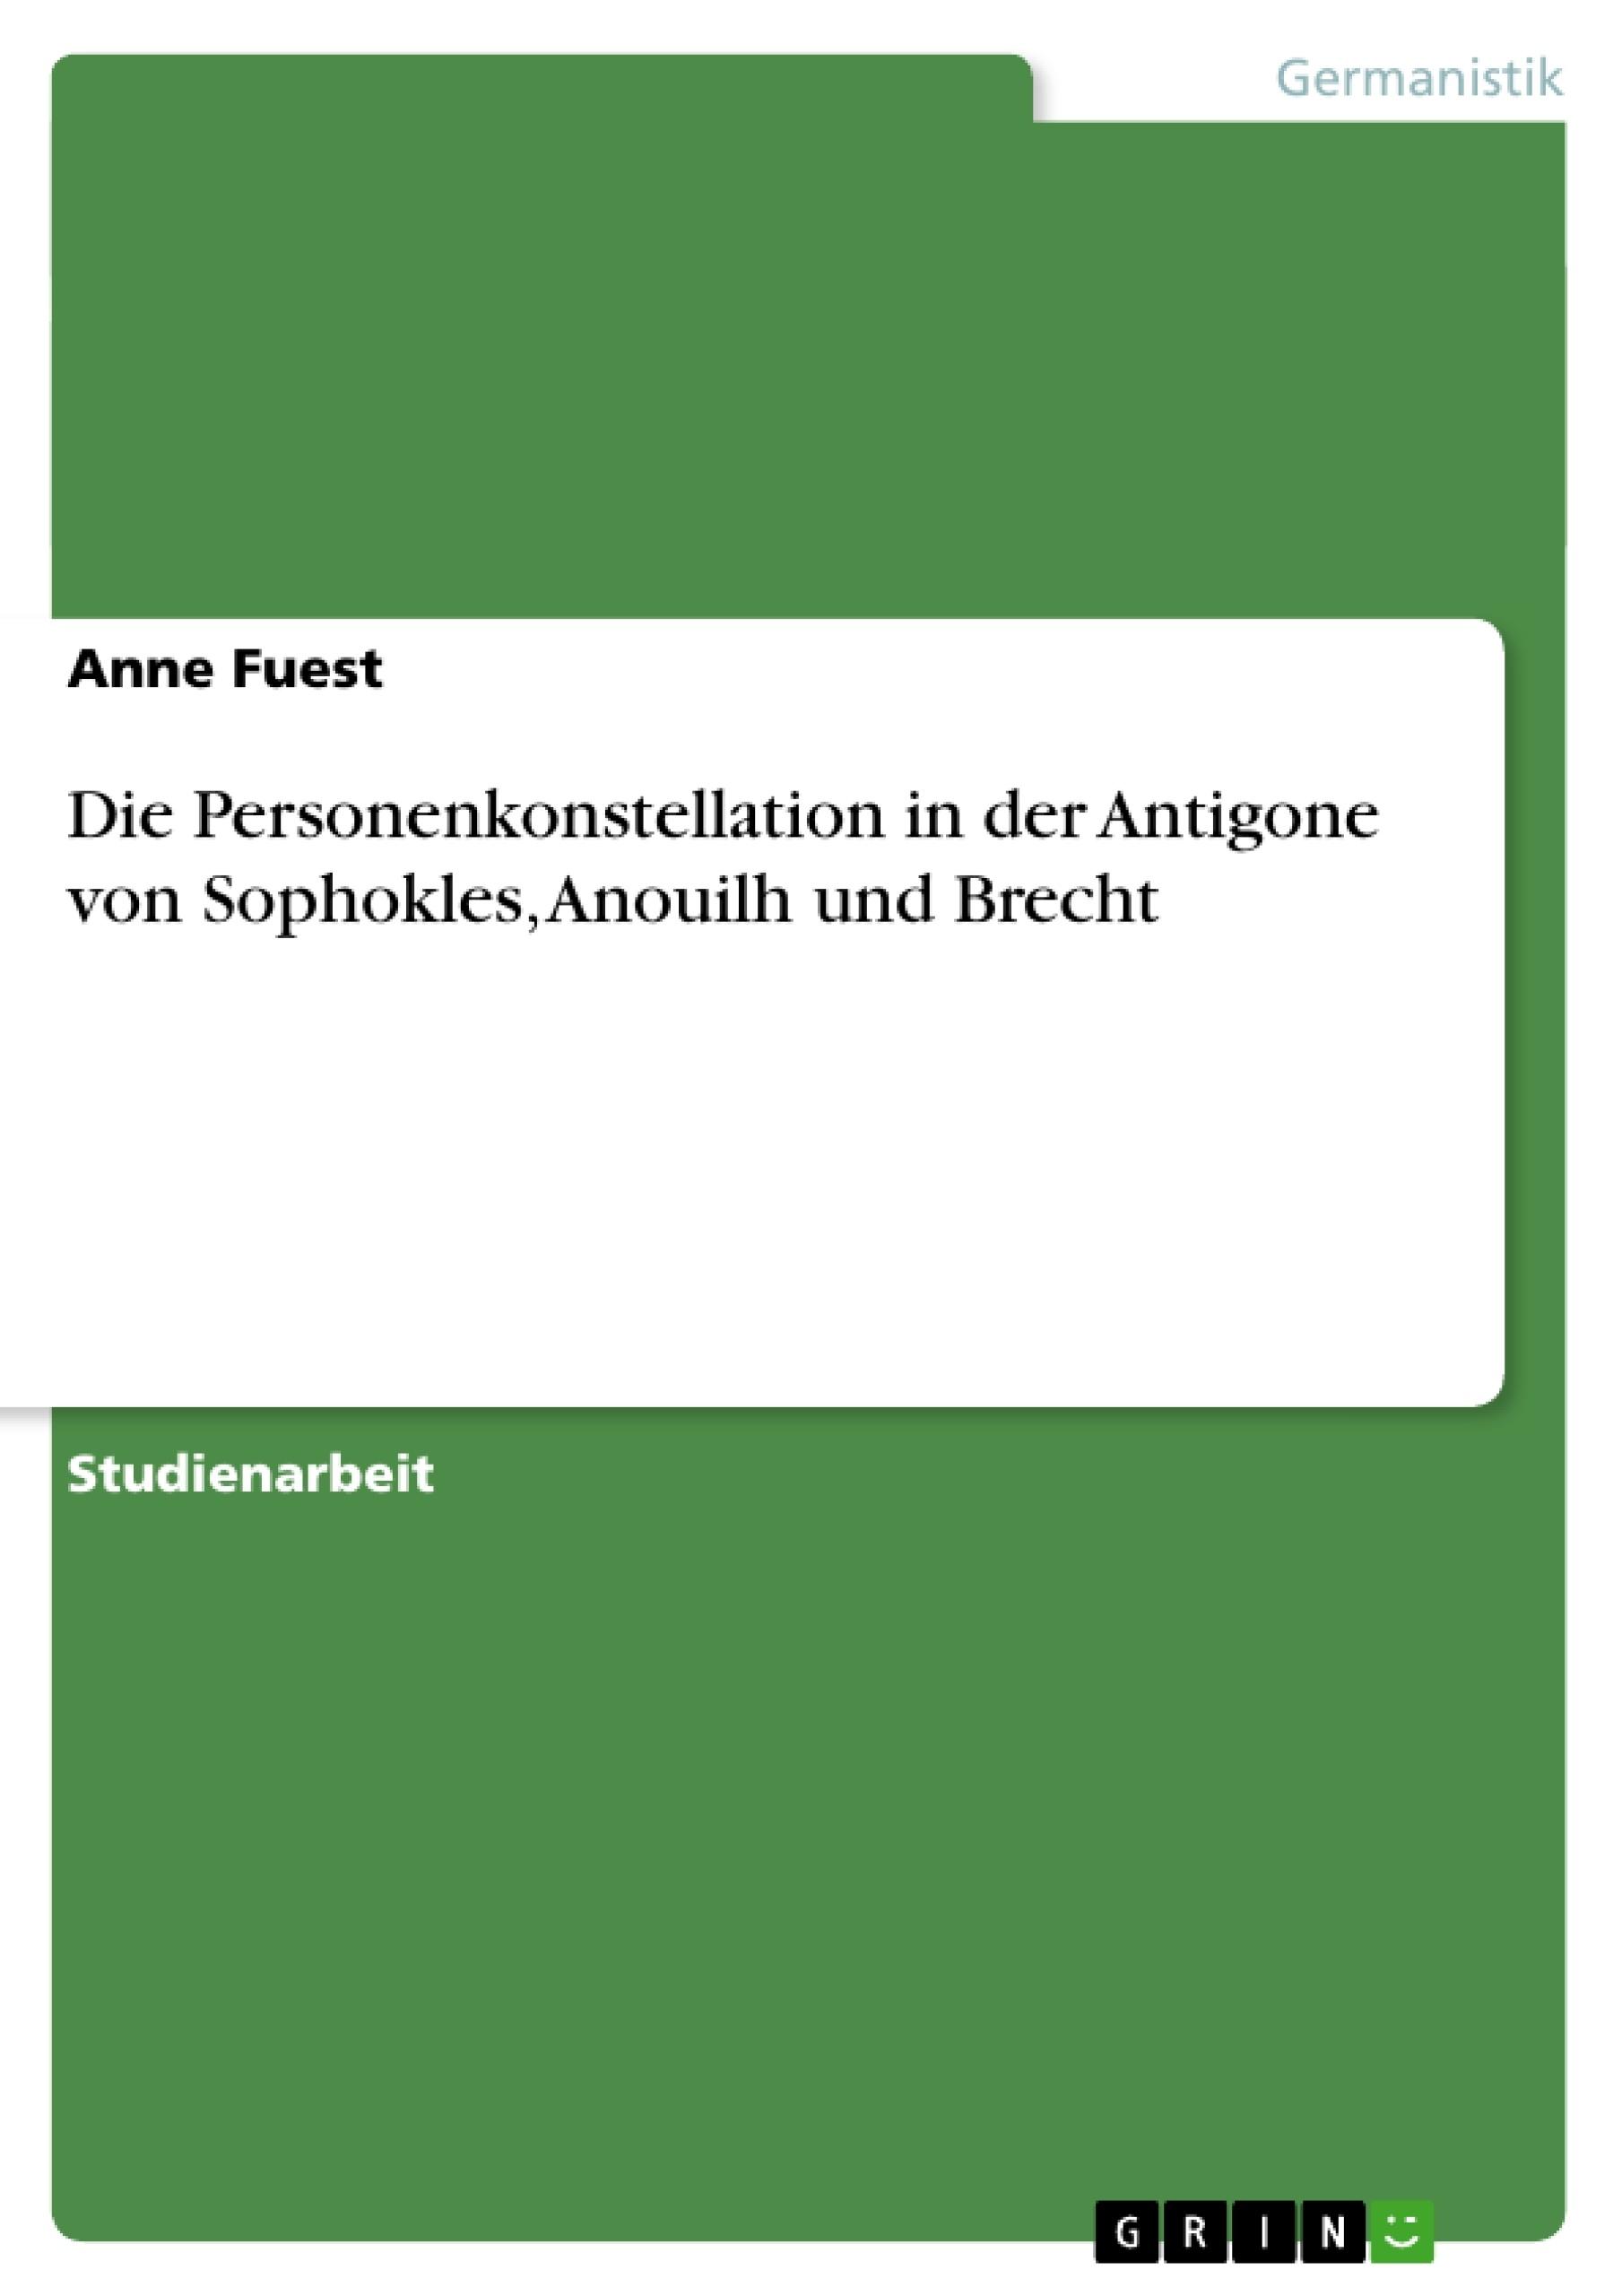 Titel: Die Personenkonstellation in der Antigone von Sophokles, Anouilh und Brecht